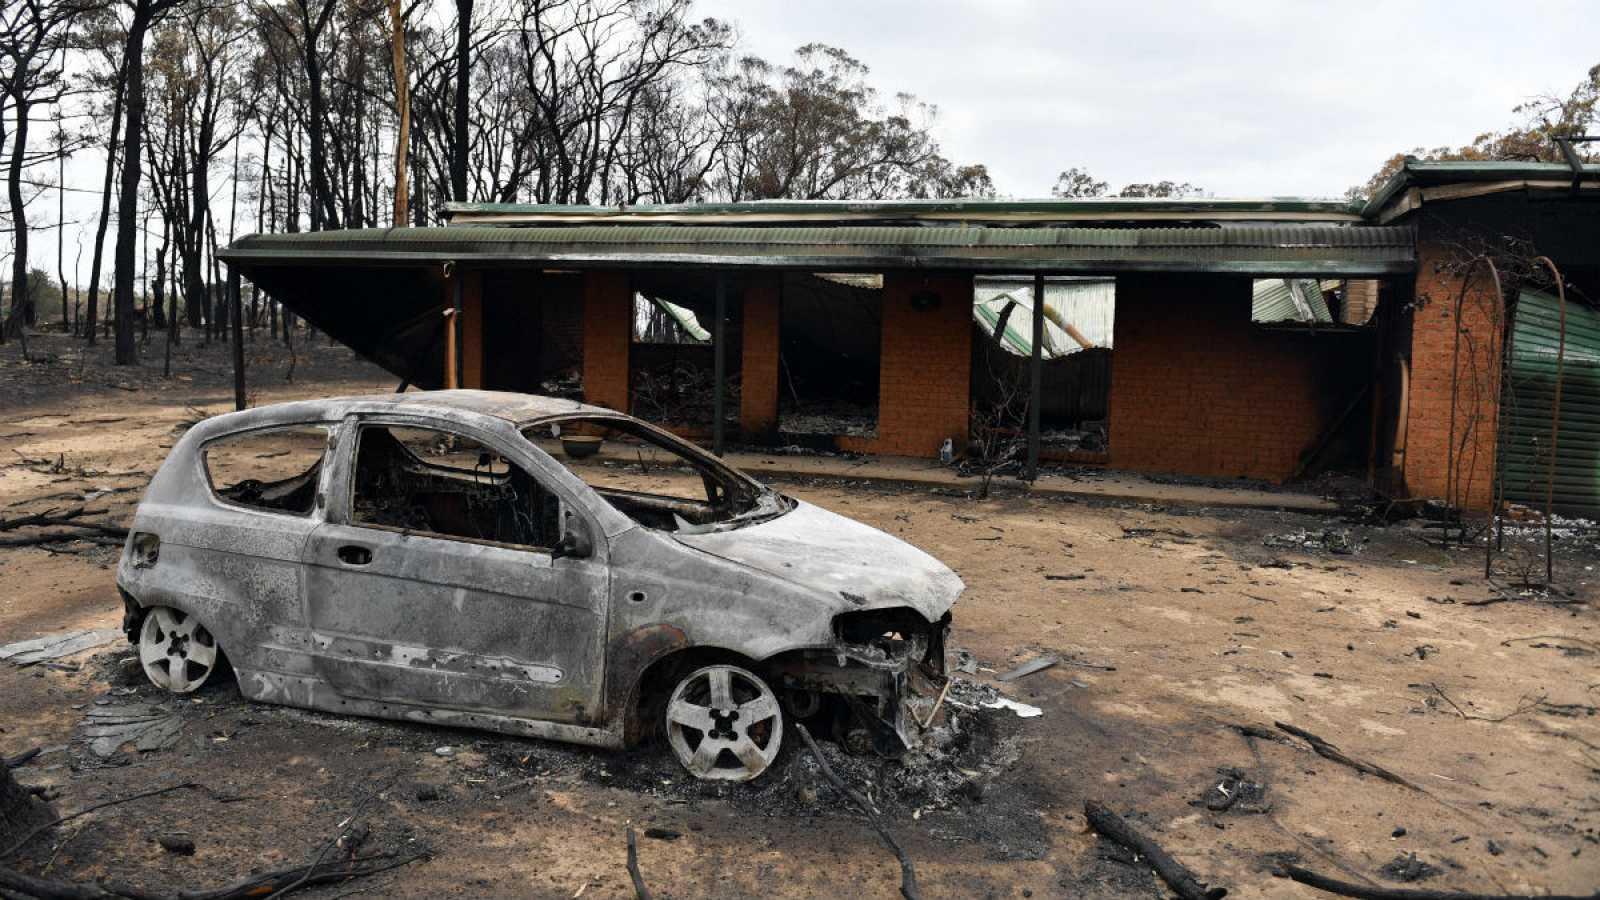 Imagen de una casa y un coche calcinados tras los incendios forestales catastróficos en la aldea de Balmoral, Nueva Gales del Sur, Australia del Sur de las Tierras Altas.